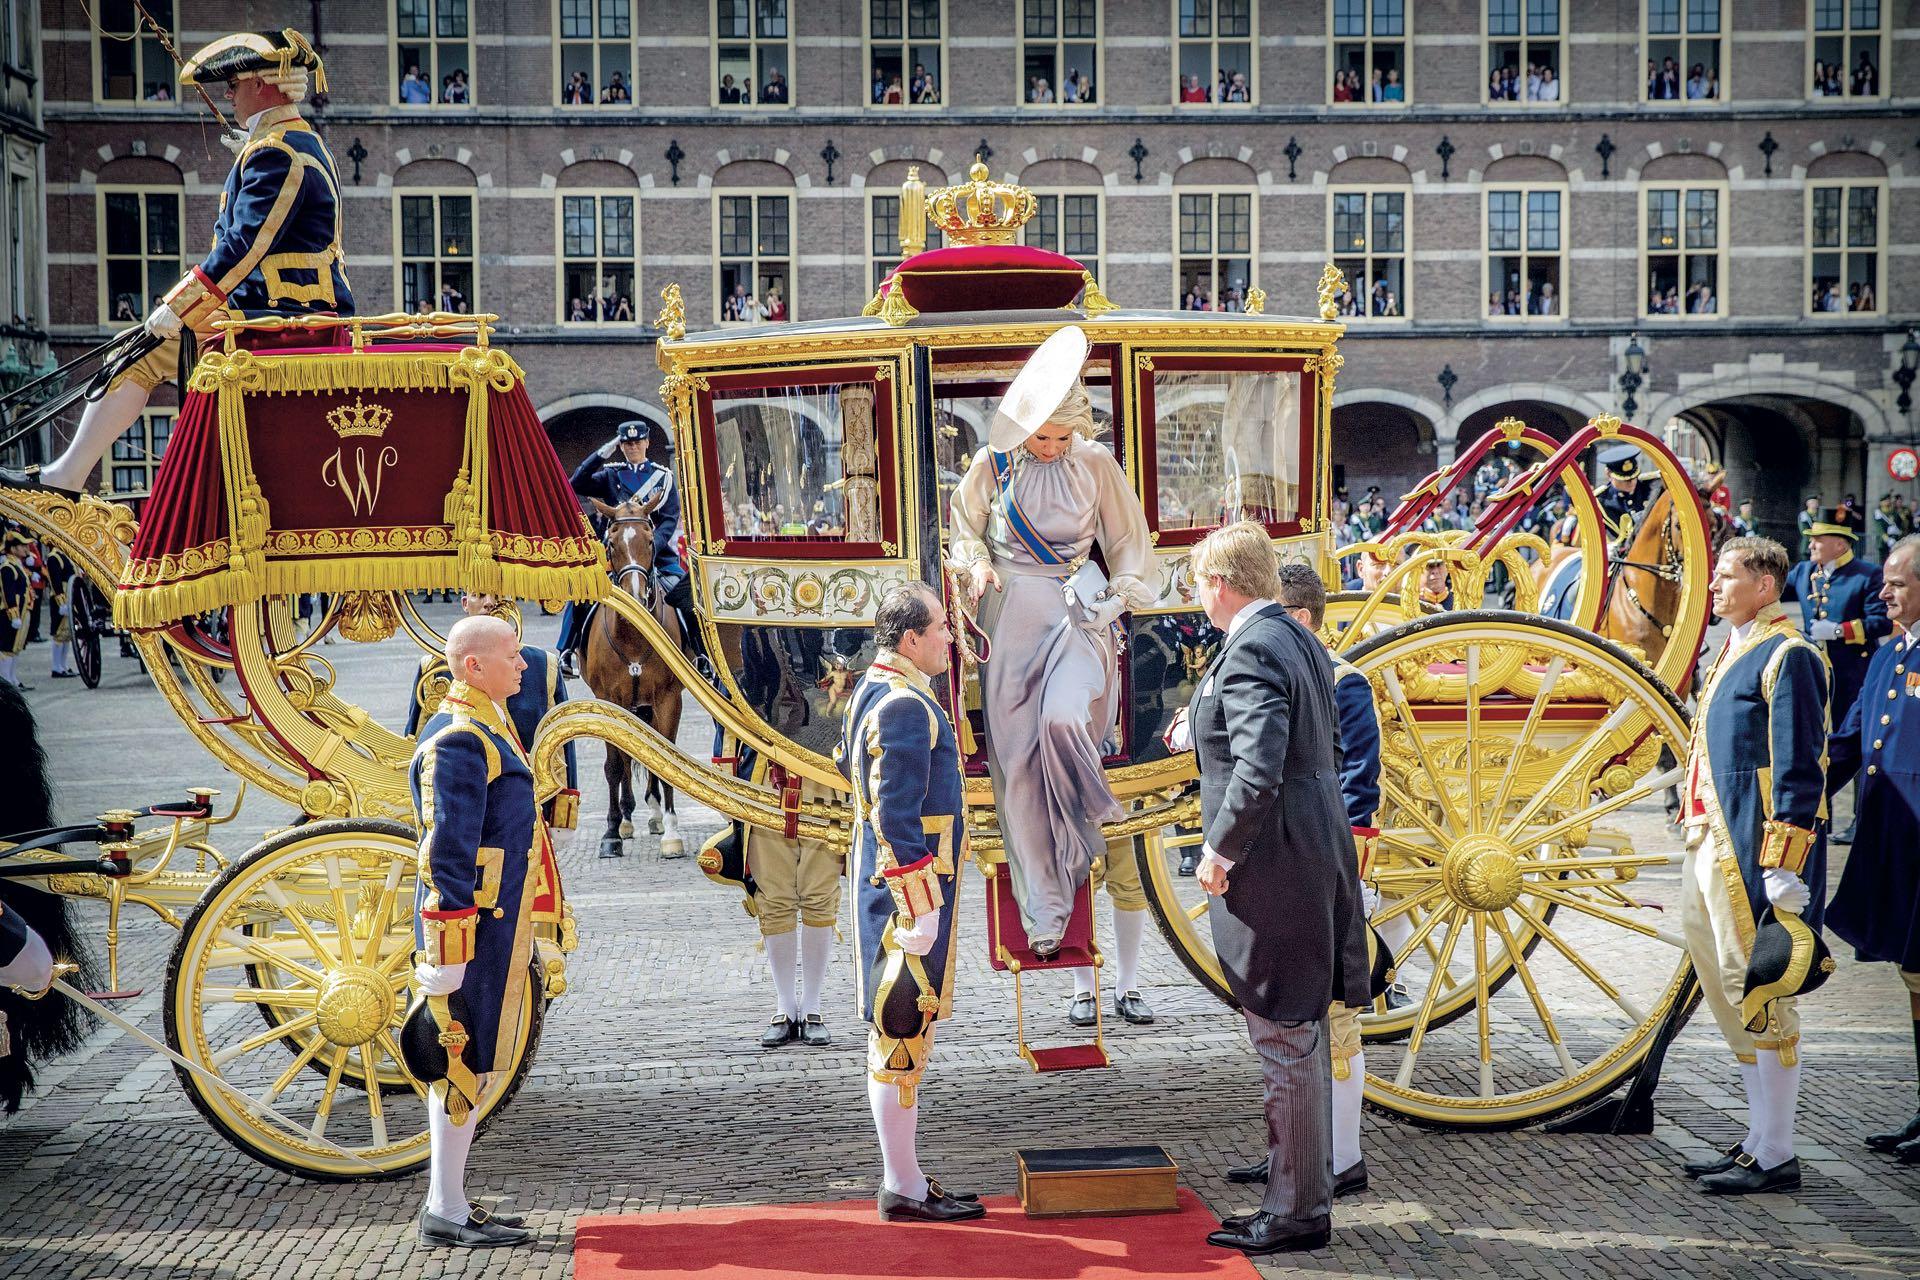 Los reyes se trasladaron en una carroza de cristal que fue encargada por el rey Guillermo I en 1821, porque la carroza de oro –aquella que inspiró la de La Cenicienta– está en proceso de restauración.